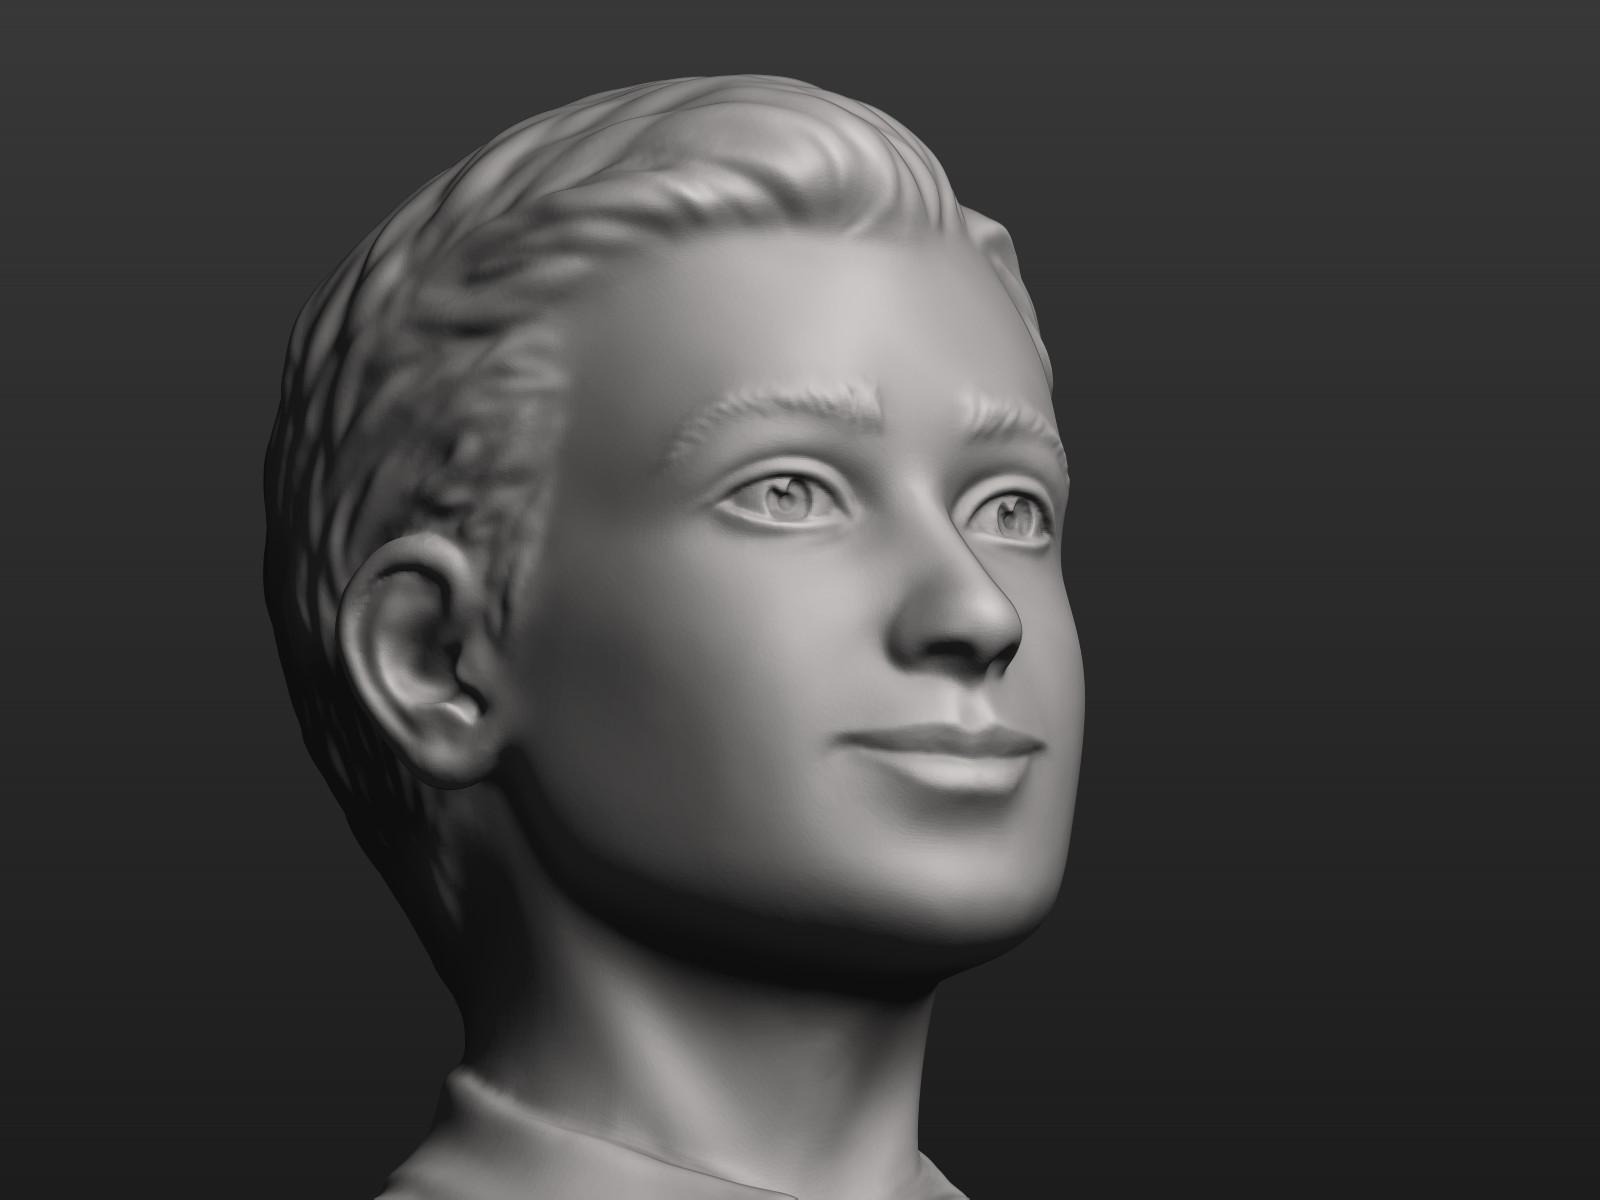 Top Figures - Boy 1